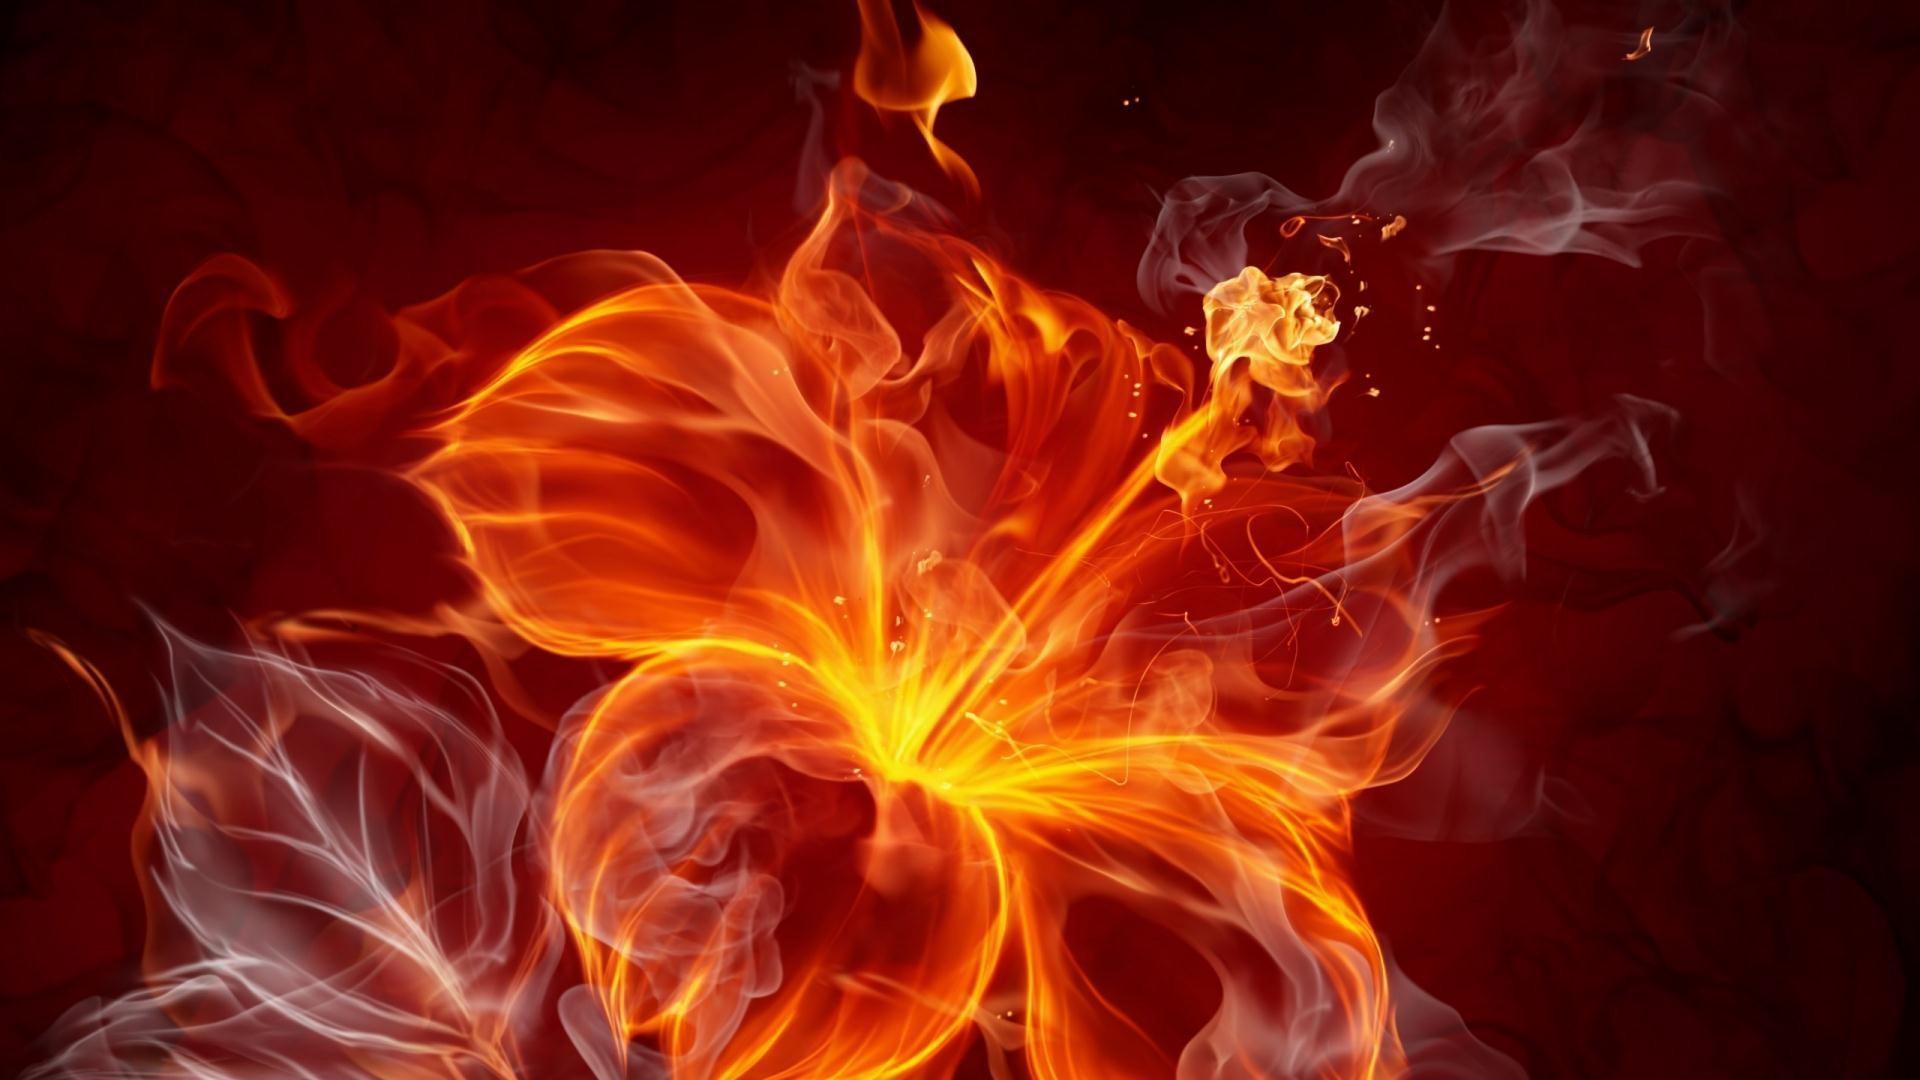 Flower-fire-wallpaper-HD-backgrounds